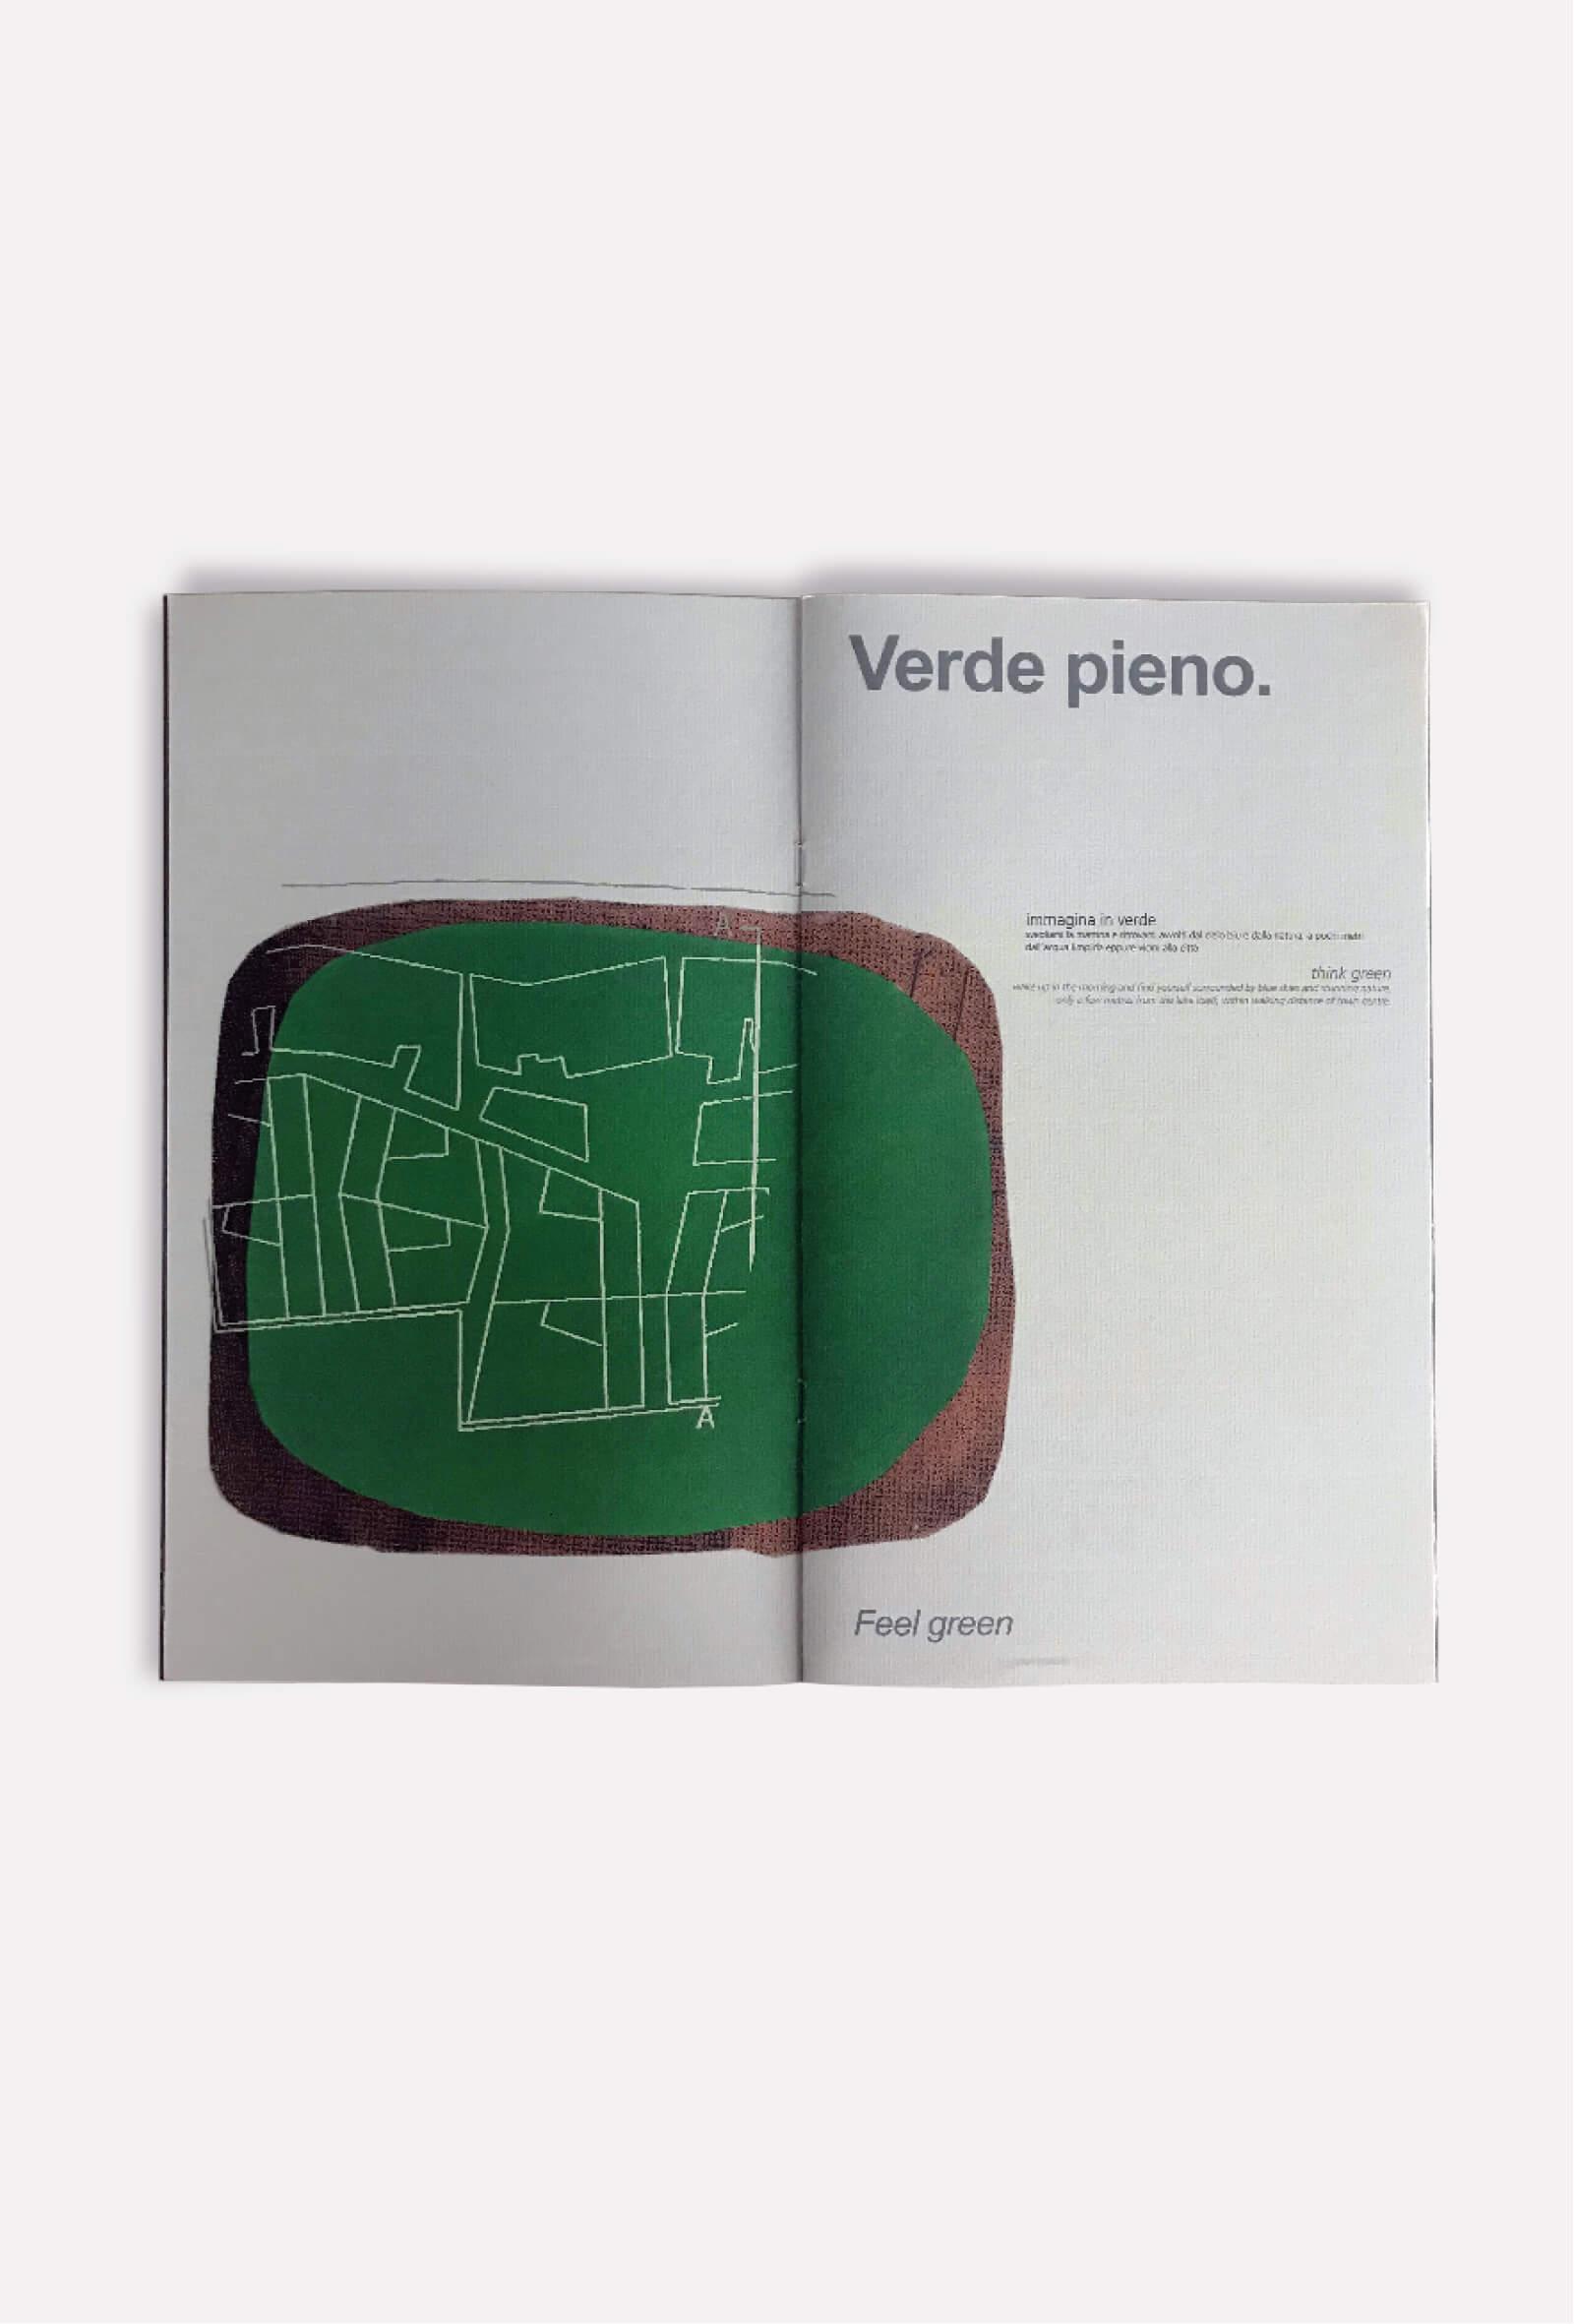 dettaglio pagine interne brochure per progetto architettura, illustrazioni diadestudio arco di trento